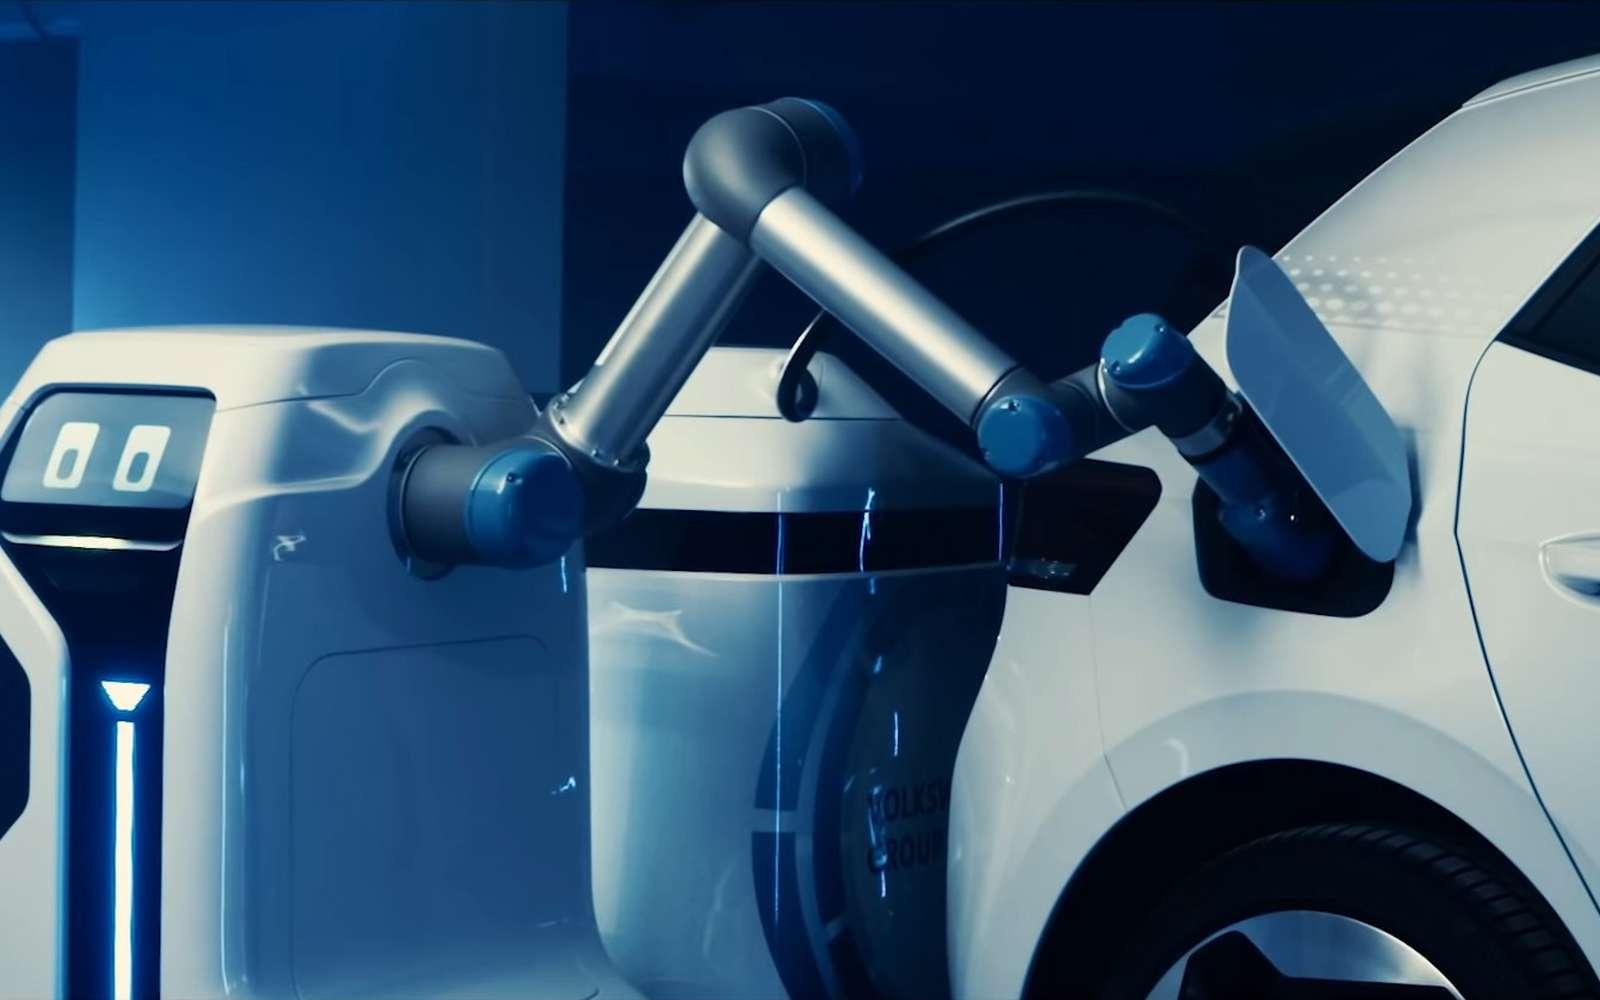 Volkswagen a présenté un prototype de robot autonome pour charger les voitures électriques. © Volkswagen